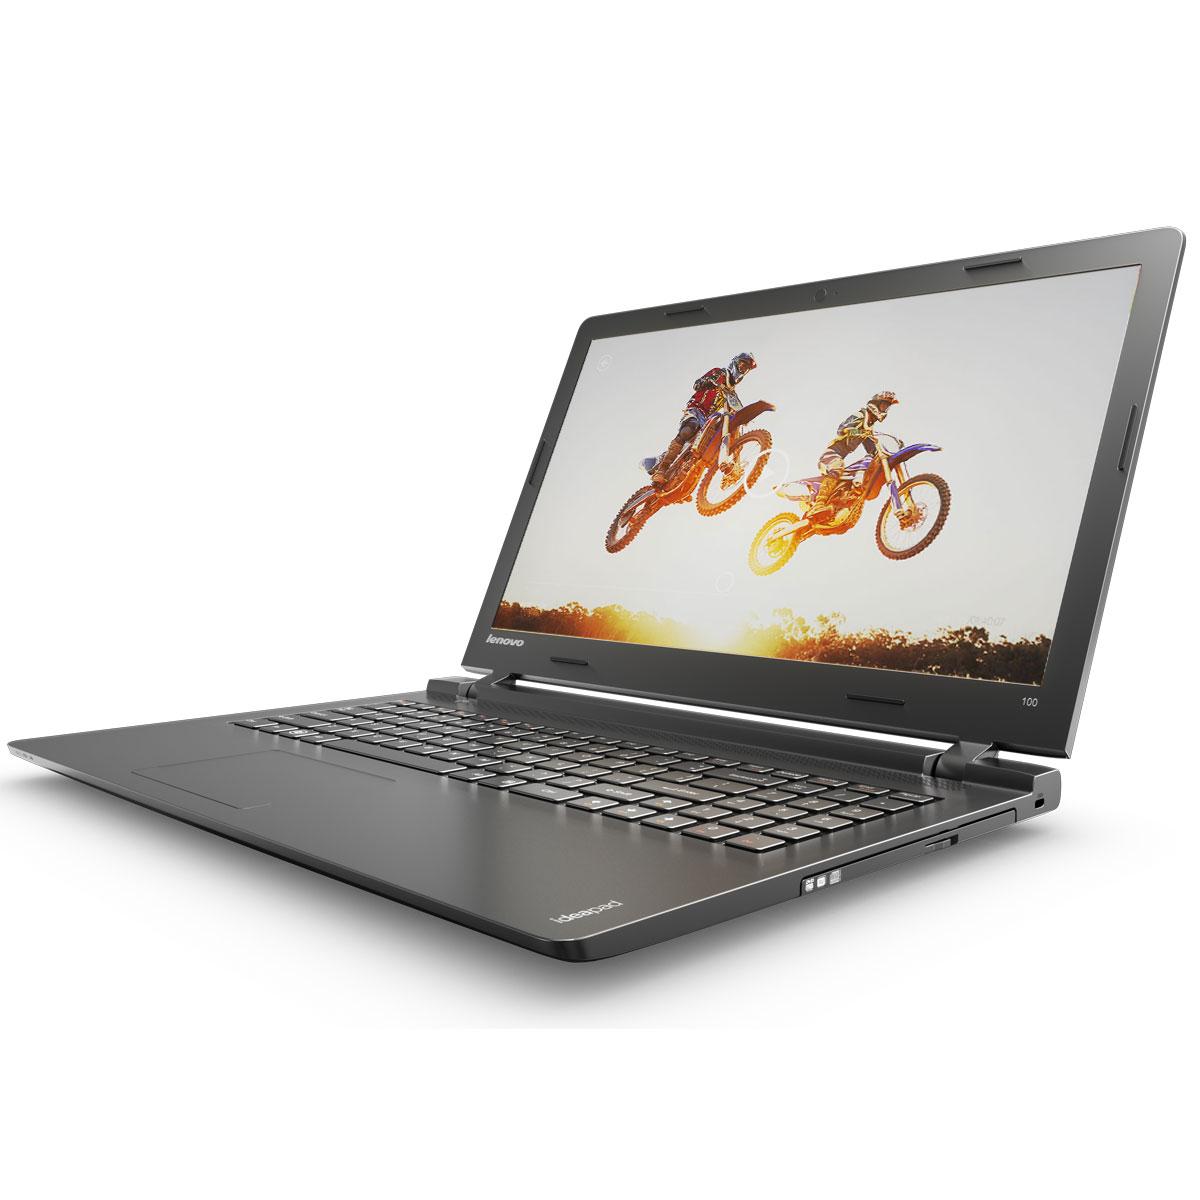 Lenovo IdeaPad 100-15IBY, Black (80MJ00E2RK)LR80MJ00E2RKТонкий, доступный по цене 15,6-дюймовый ноутбук Lenovo IdeaPad 100. Все, что нужно. Ничего лишнего. Если вы ищете недорогой производительный ноутбук, выбирайте IdeaPad 100. Созданы для спокойствия: Вы когда-нибудь работали с ноутбуком в кафе? Оставлять его на столике без присмотра довольно опасно. К счастью, Ideapad 100 можно защитить замком Kensington MiniSaver. Прочный тросик позволит пристегнуть устройство к тяжелому или неподвижному предмету, а затем спокойно отойти к столику друзей или за новой чашкой кофе. Тонкий, легкий и портативный: Хватить изнывать под тяжестью громоздкого ноутбука. Модель Ideapad 100 имеет всего 22,6 мм в толщину и весит около 2,3 кг - идеальный вариант для поездок и путешествий. Модули подключения: С помощью модулей связи Wi-Fi стандарта 802.11 b/g/n и Bluetooth 4.0 вы с легкостью сможете подключиться к Интернету отовсюду. Точные характеристики зависят от модификации. ...